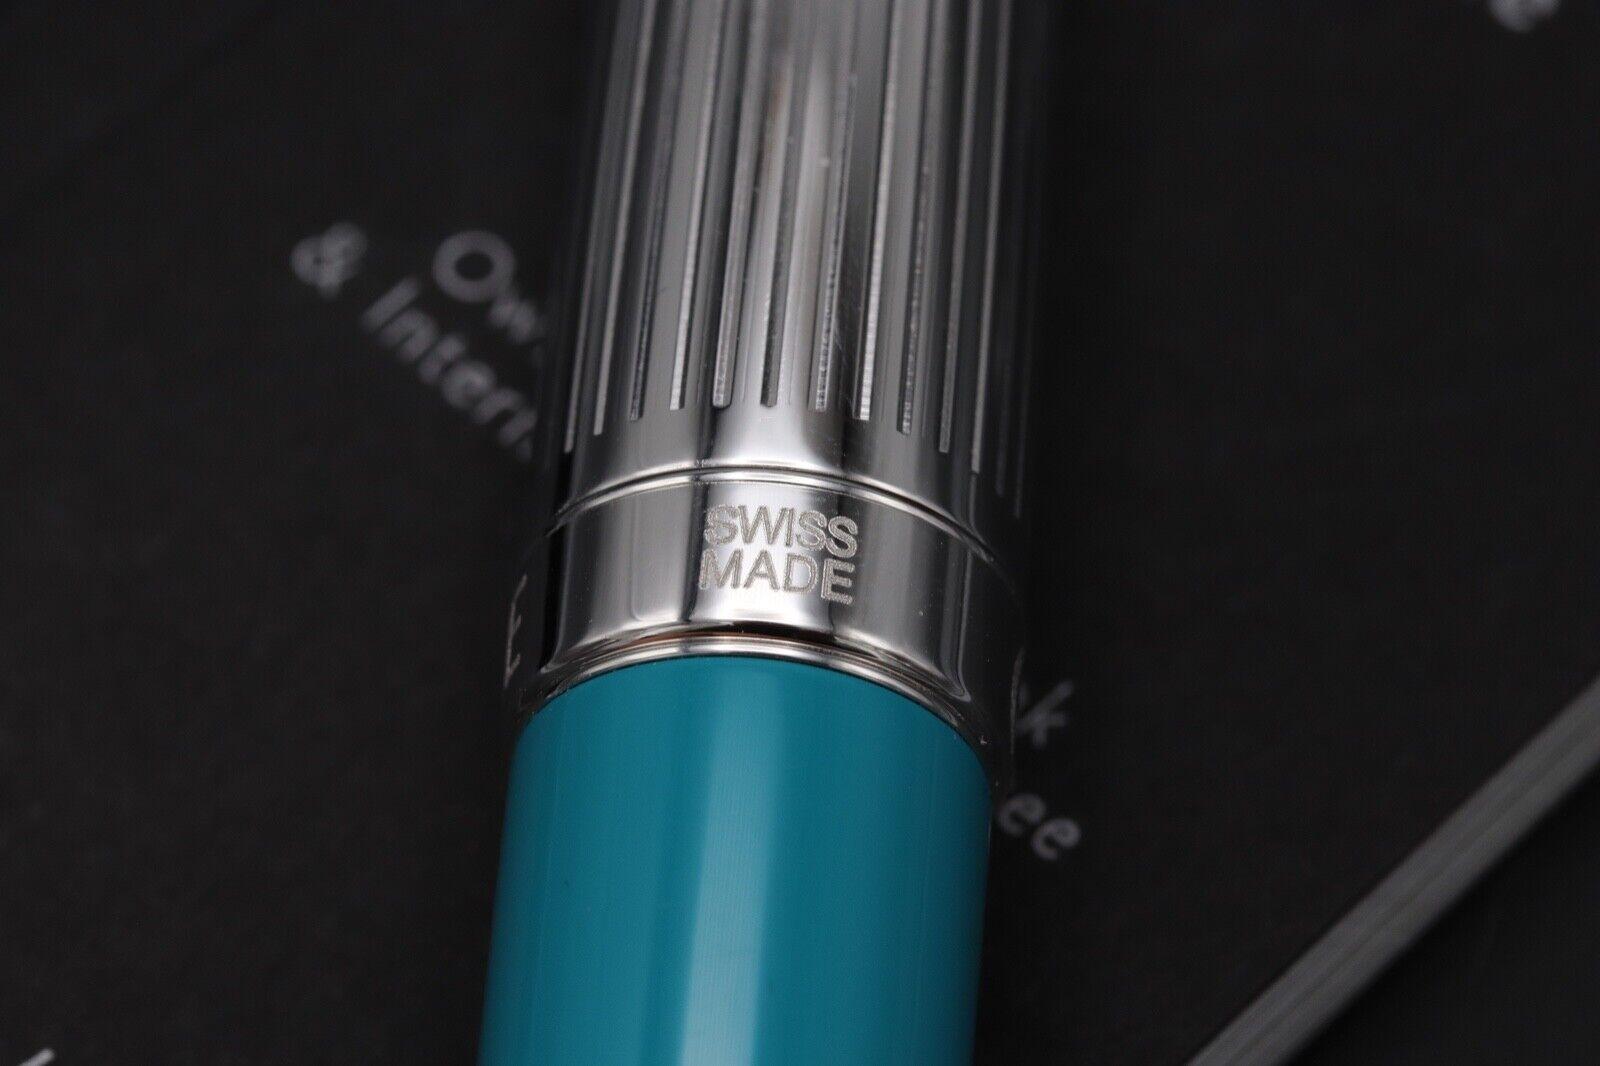 Caran d'Ache Leman Bicolor Turquoise Fountain Pen 6